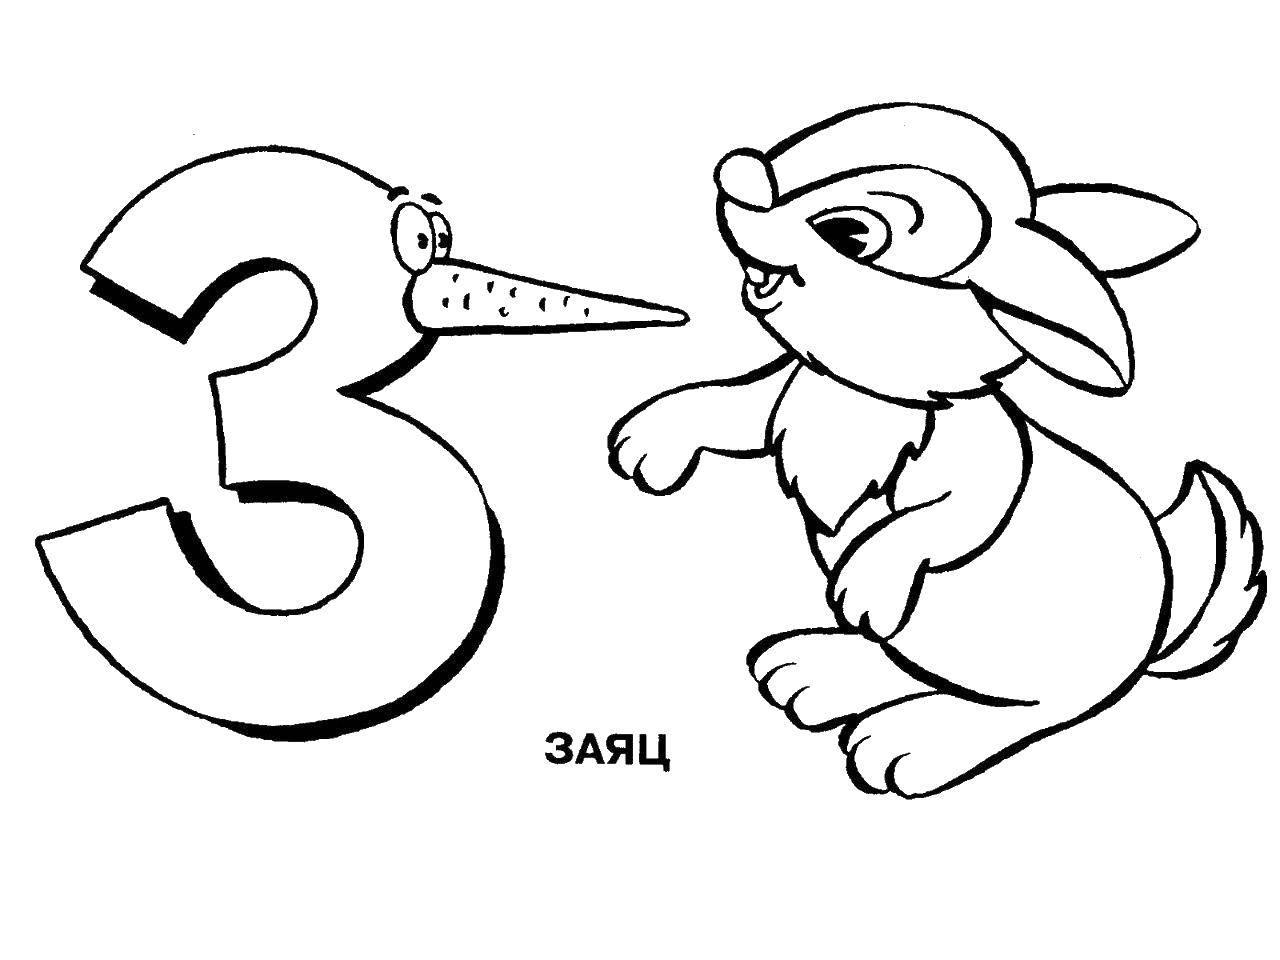 Раскраска Буква з Скачать ,заяц, буква, морковка,.  Распечатать